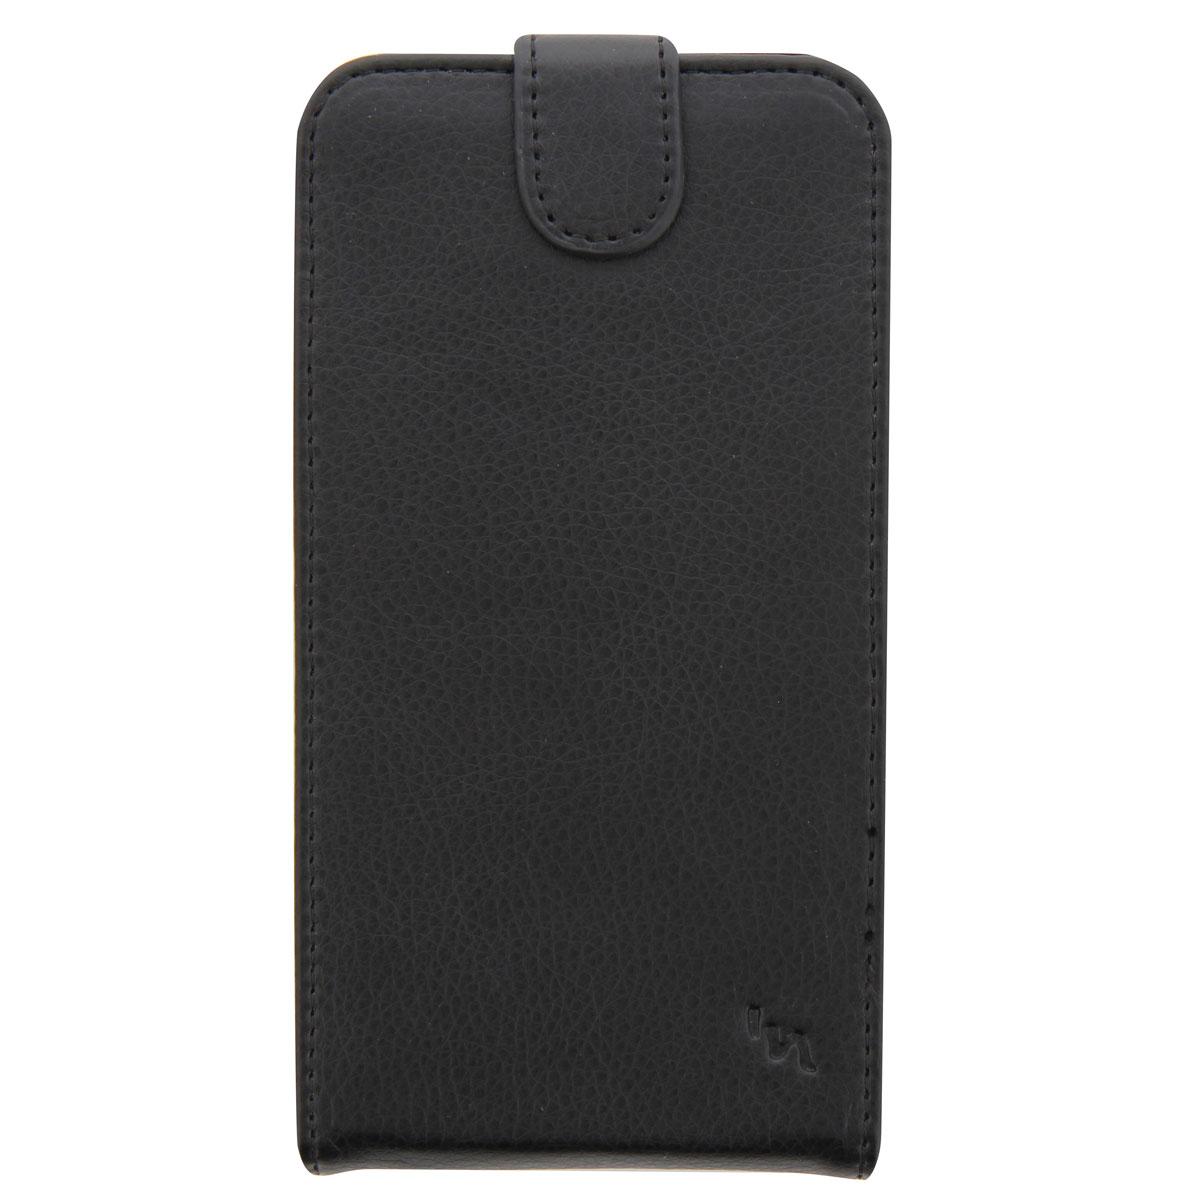 TNB UPFLAPBKM универсальный чехол для смартфонаUPFLAPBKMУниверсальный чехол TNB UPFLAPBKM для смартфонов с диагональю до 5 - это стильный и лаконичный аксессуар, позволяющий сохранить устройство в идеальном состоянии. Надежно удерживая технику, чехол защищает корпус и дисплей от появления царапин, налипания пыли. Имеет свободный доступ ко всем разъемам устройства.